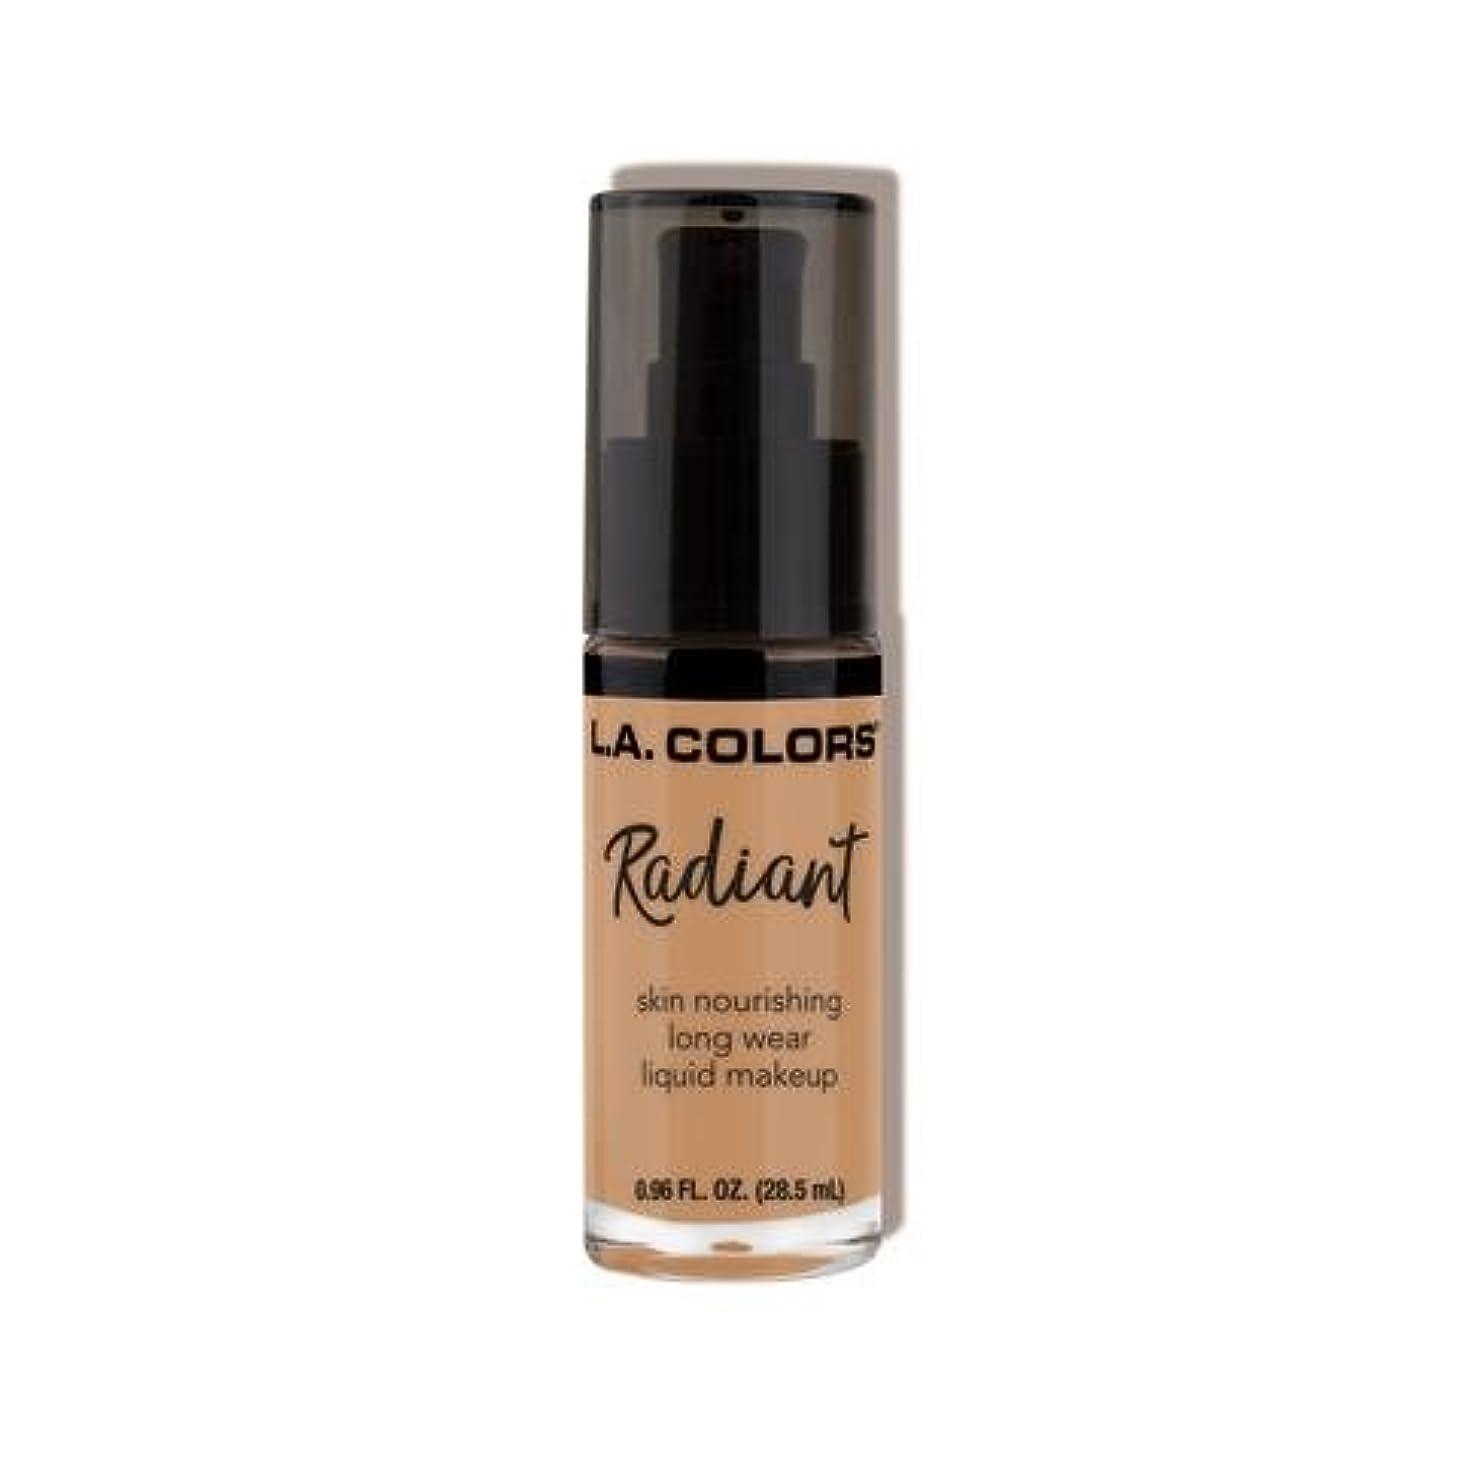 から霜欠陥(3 Pack) L.A. COLORS Radiant Liquid Makeup - Suede (並行輸入品)